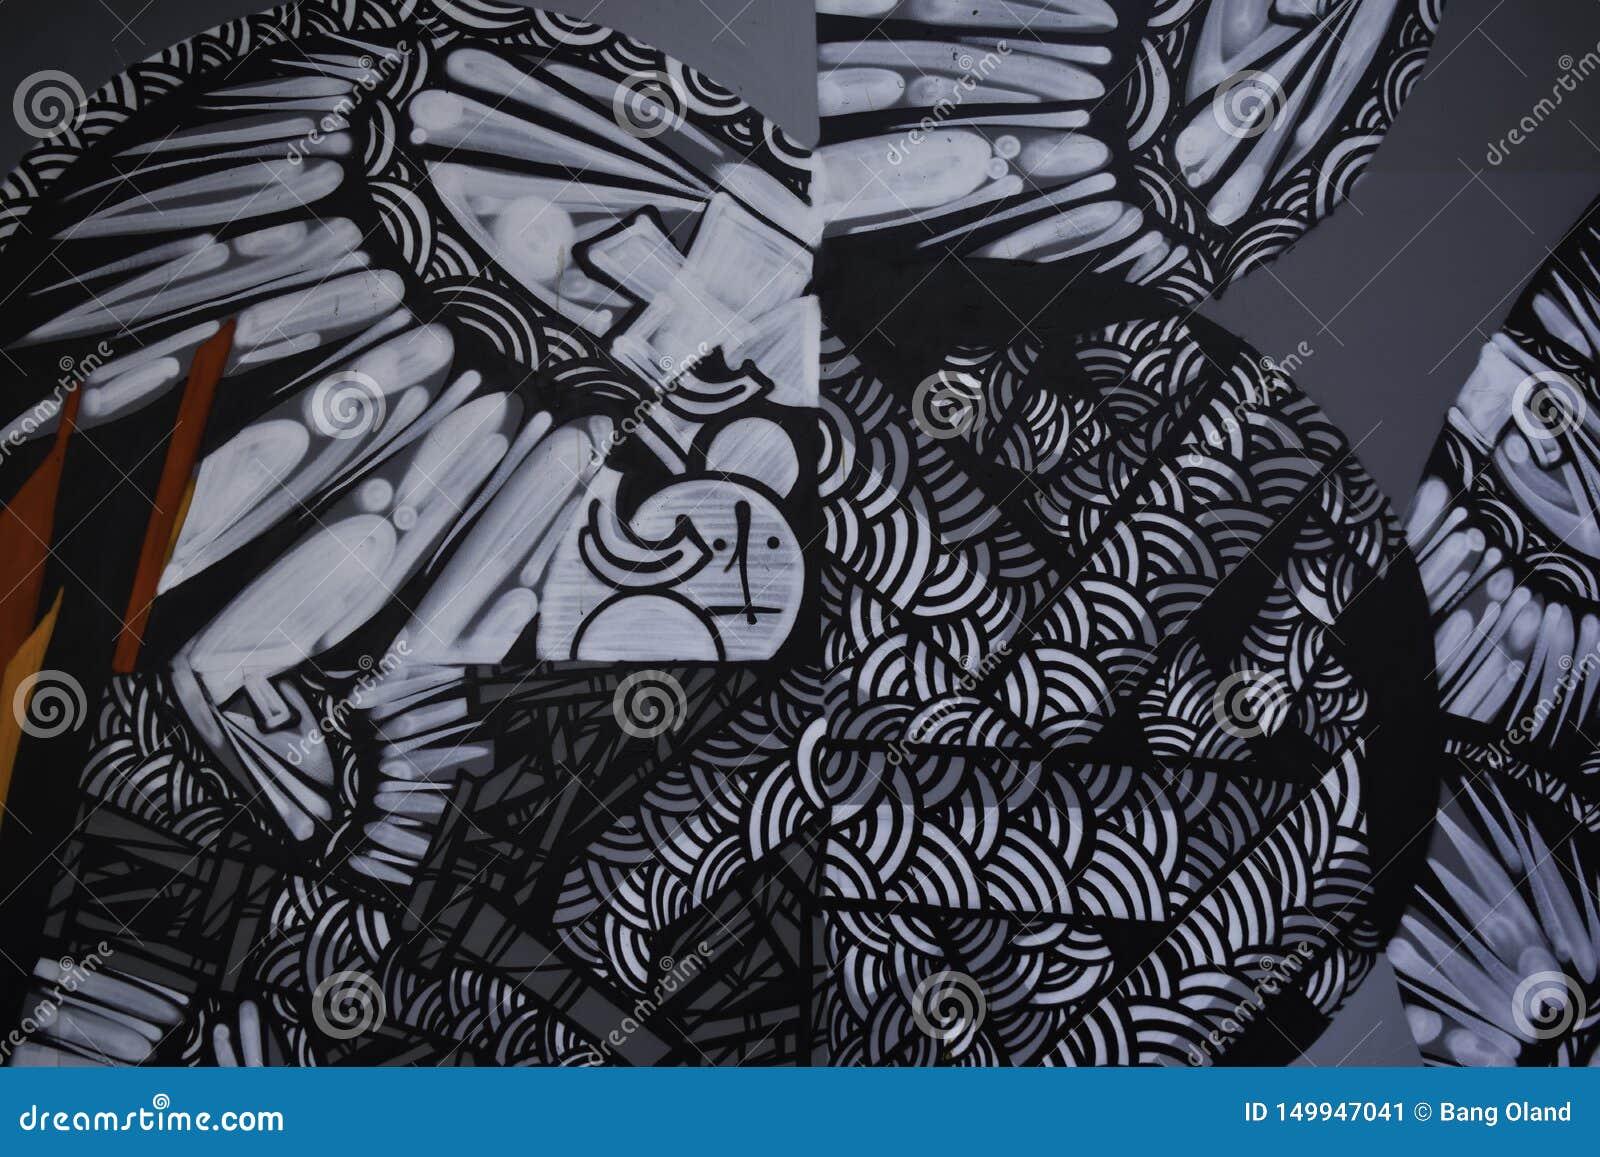 Αφηρημένα έργα ζωγραφικής γκράφιτι στο υπόβαθρο συμπαγών τοίχων